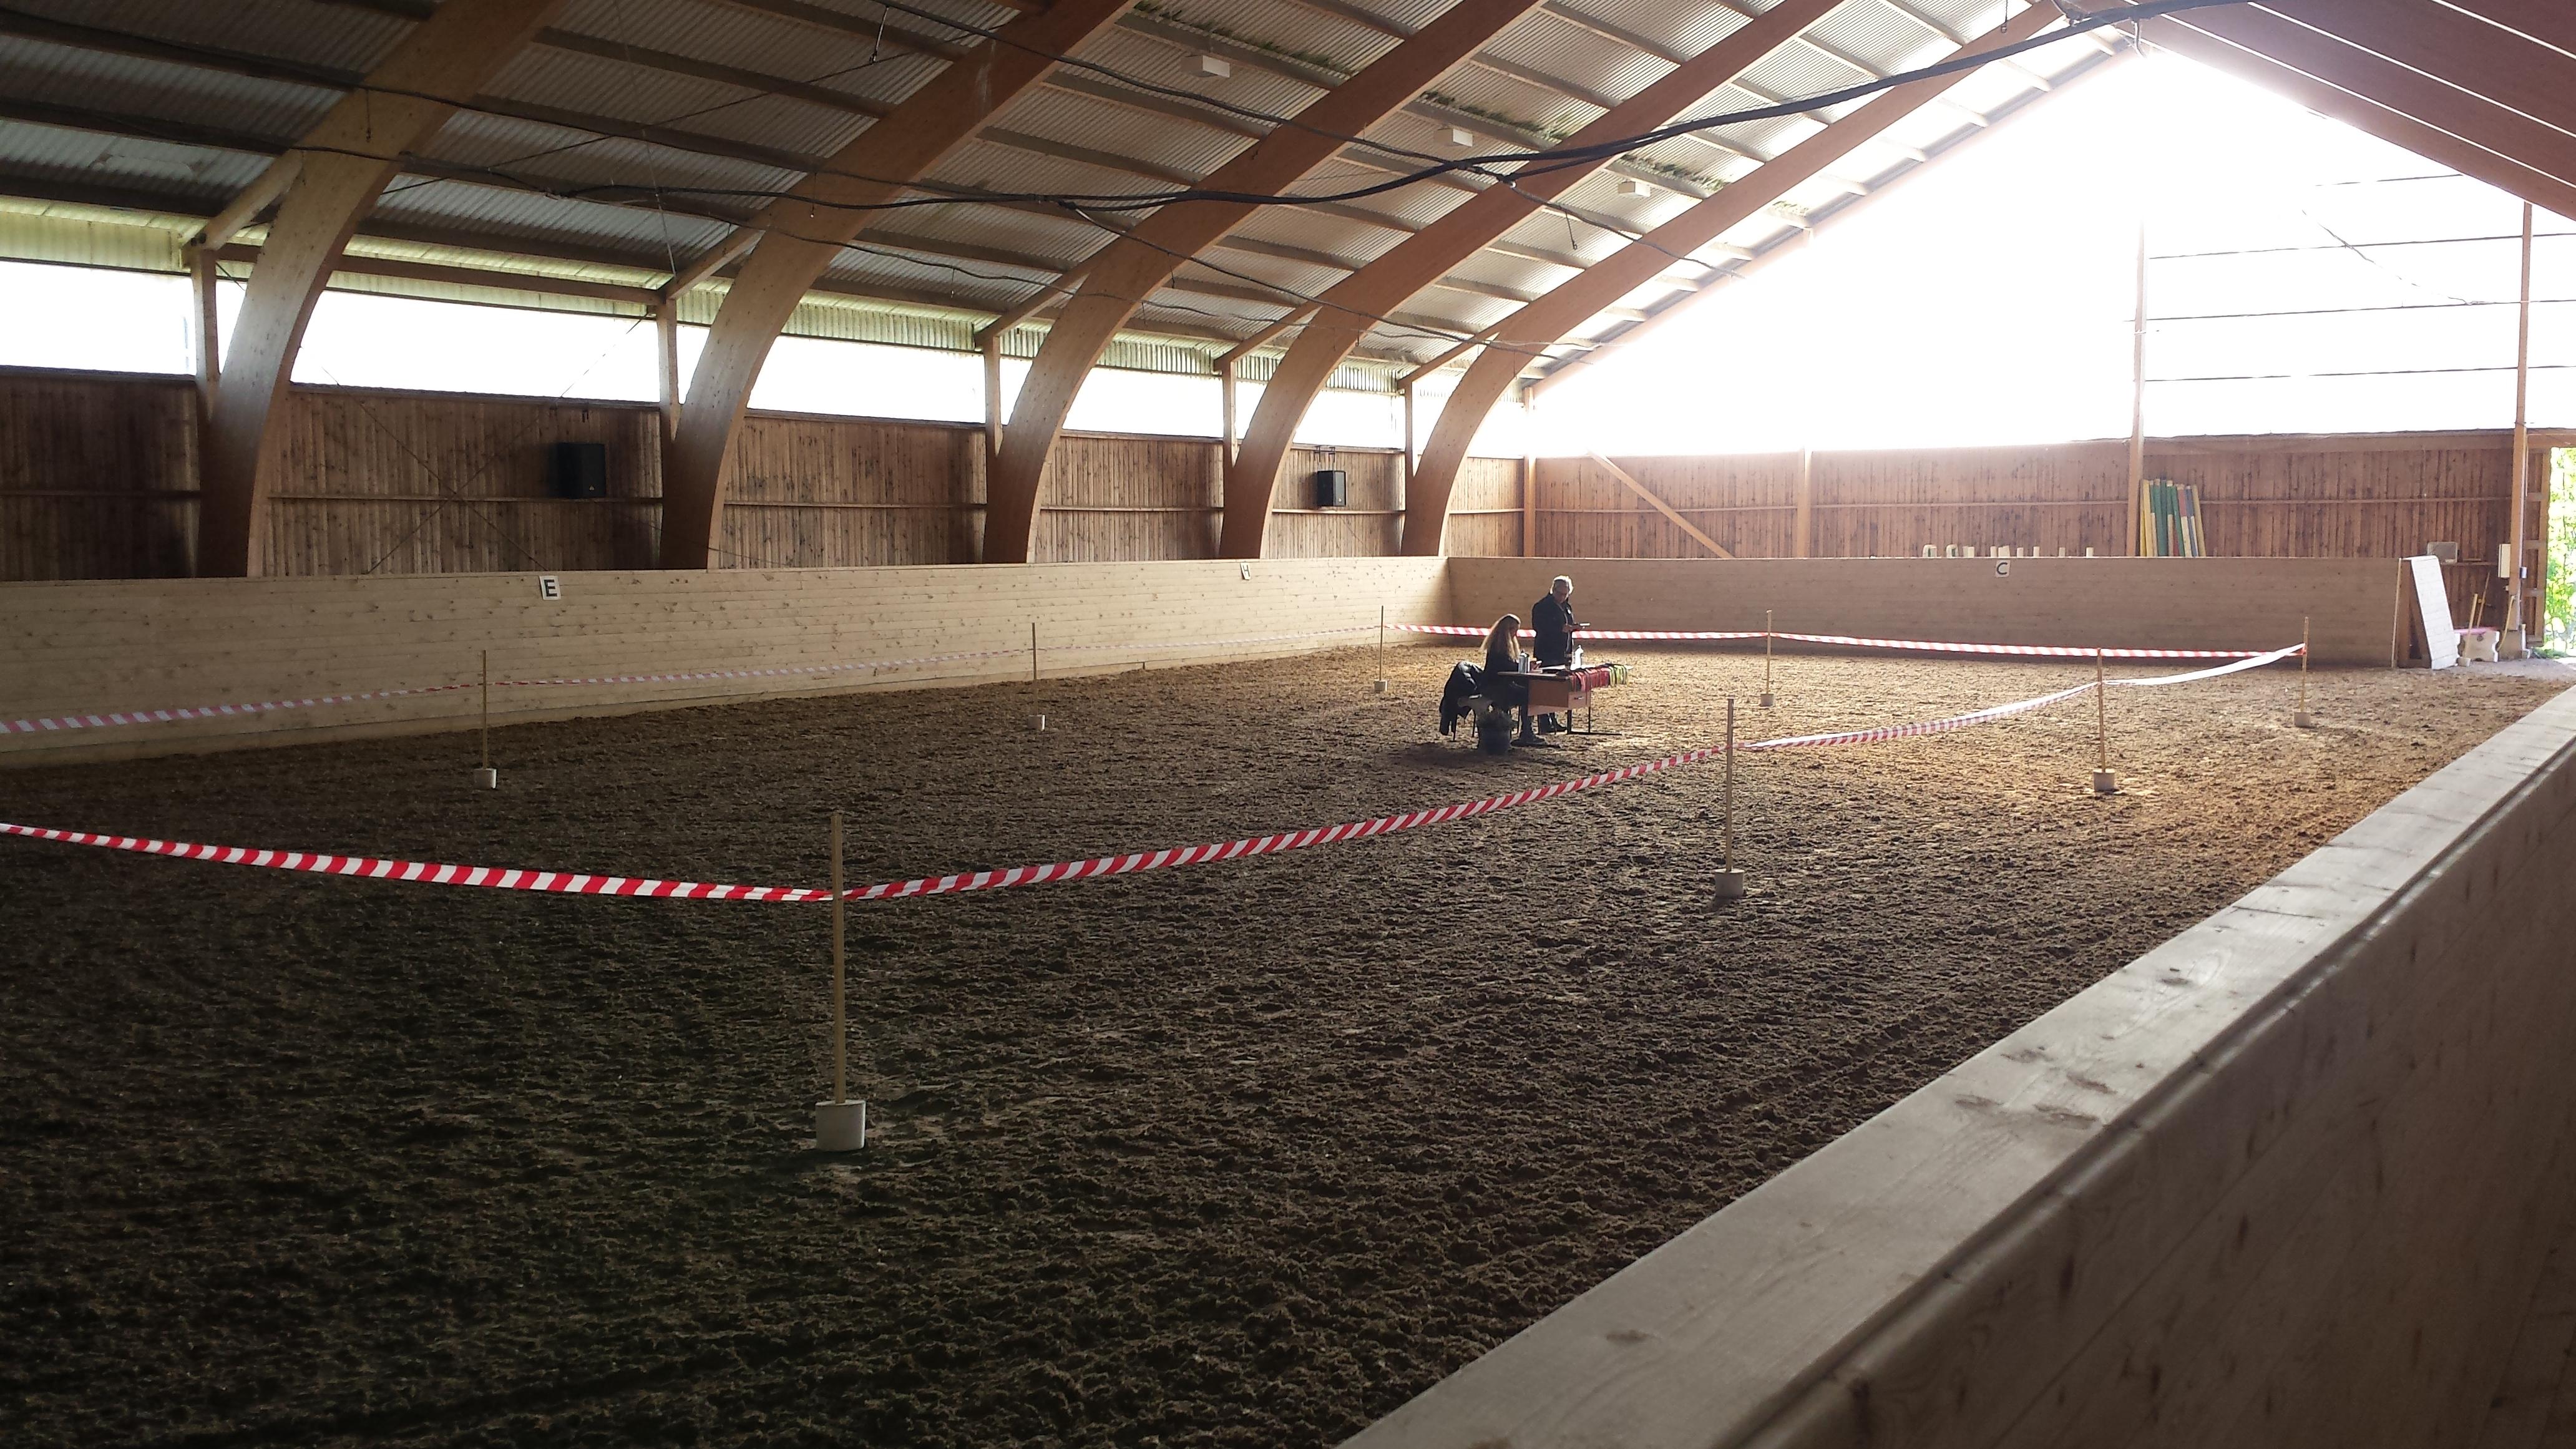 Banan där hästarna bedömdes Foto: Emelie Ahltén